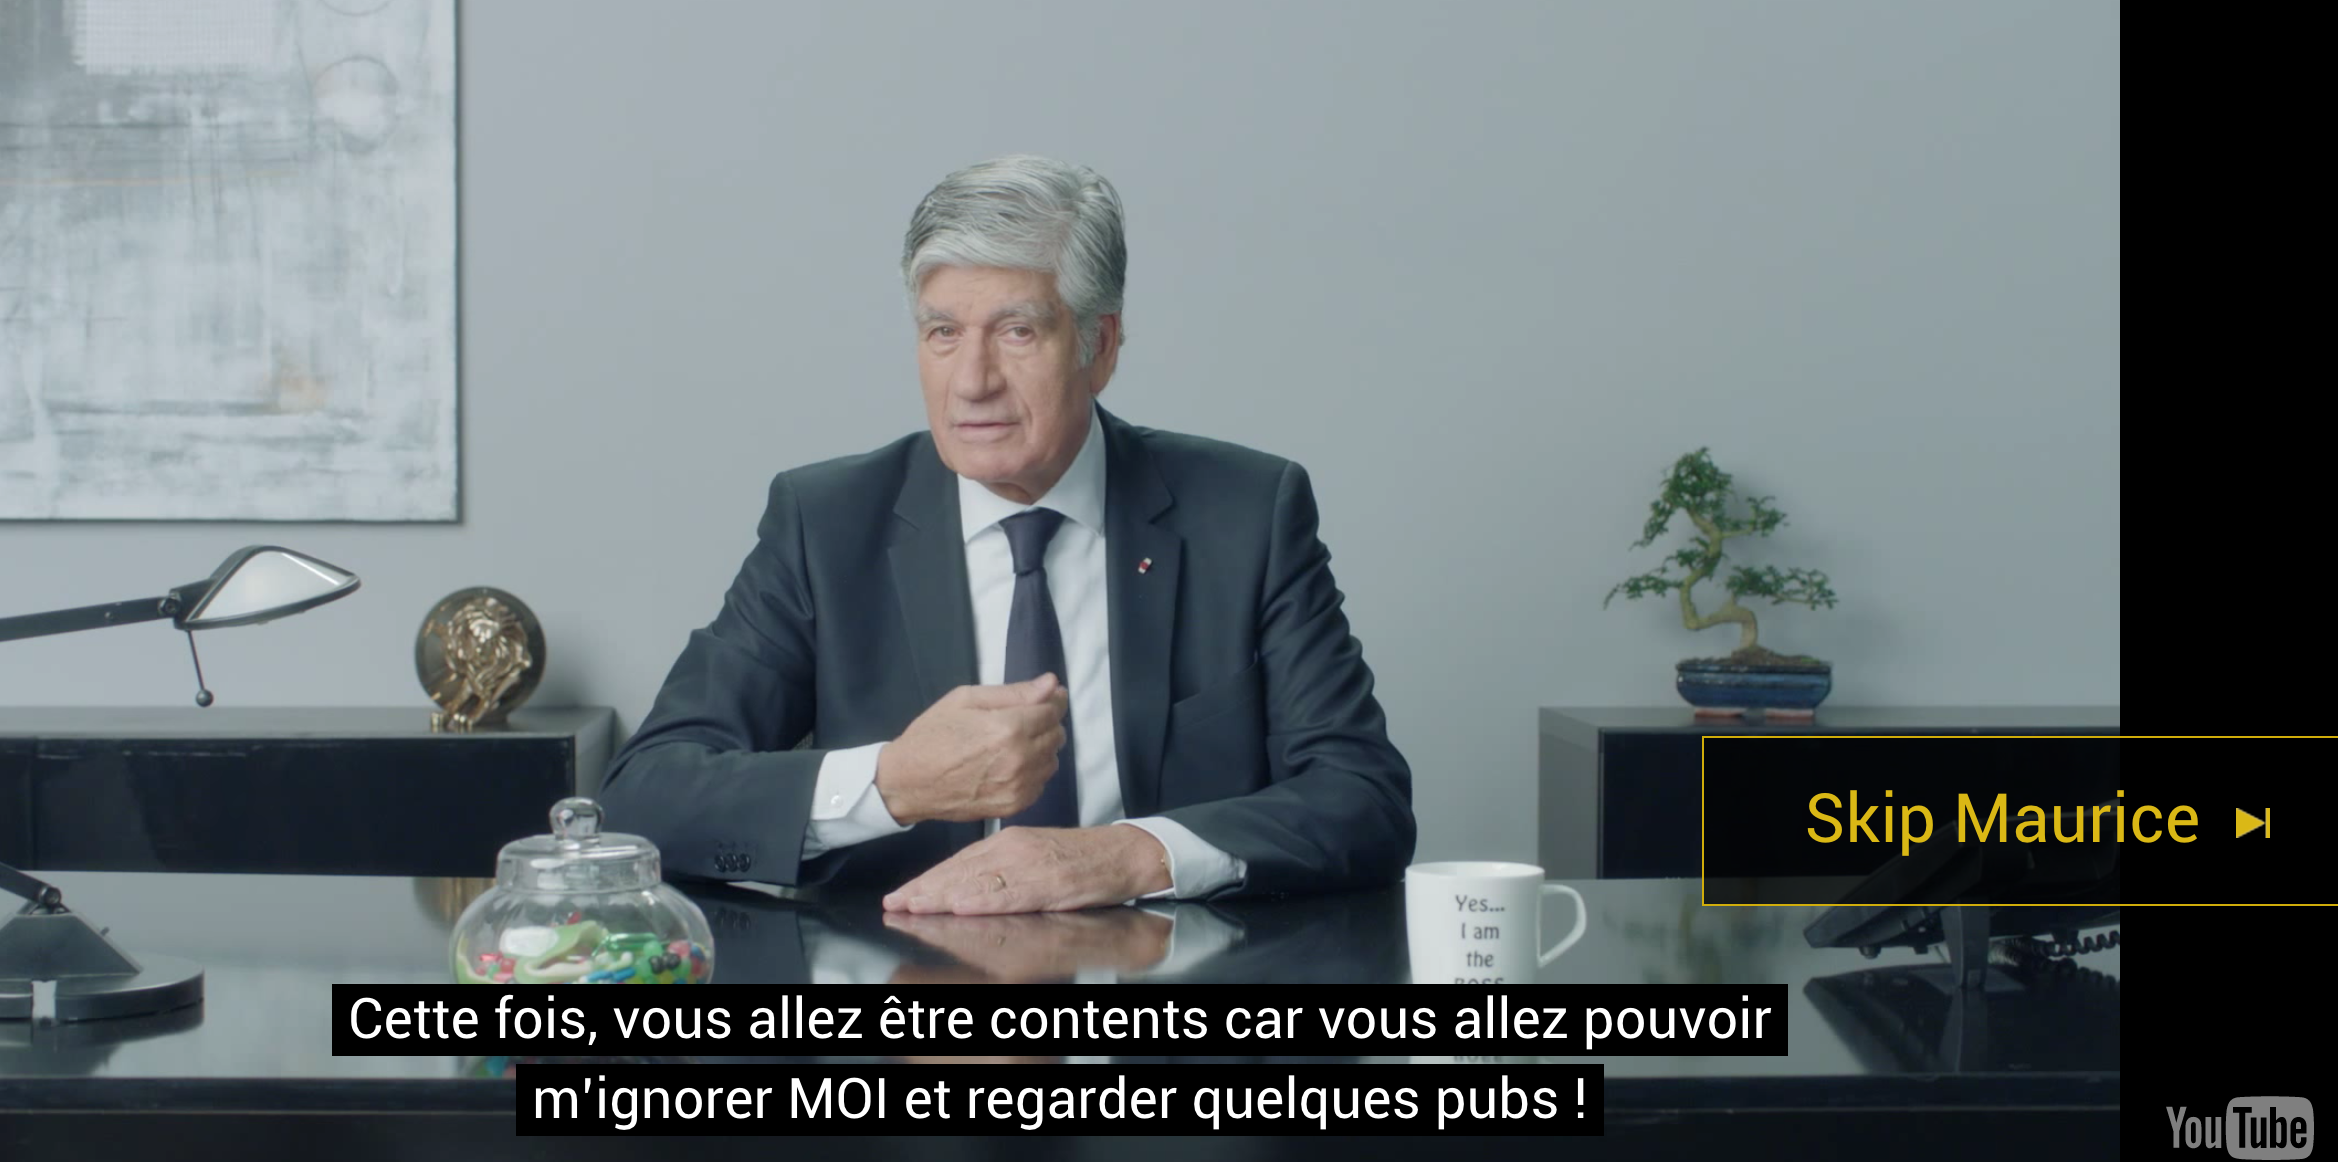 Marcel propose de skipper Maurice Lévy si vous trouvez qu il vous ennui